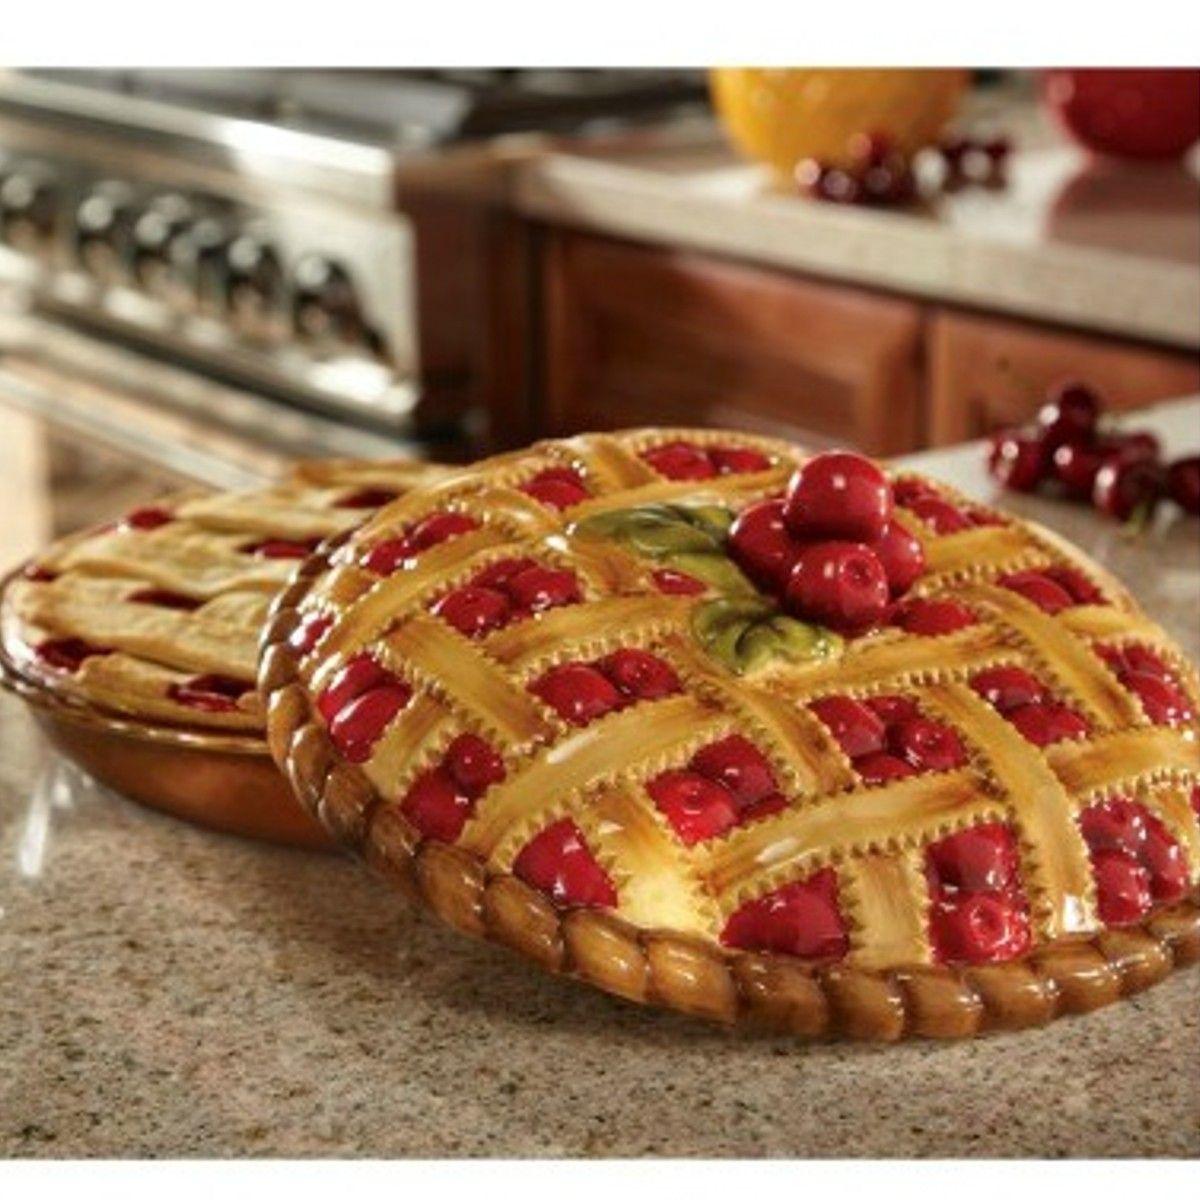 Ceramic Pie Plate Hand Painted Cherry Pie Dish and Cover & Ceramic Pie Plate Hand Painted Cherry Pie Dish and Cover | Pie plate ...